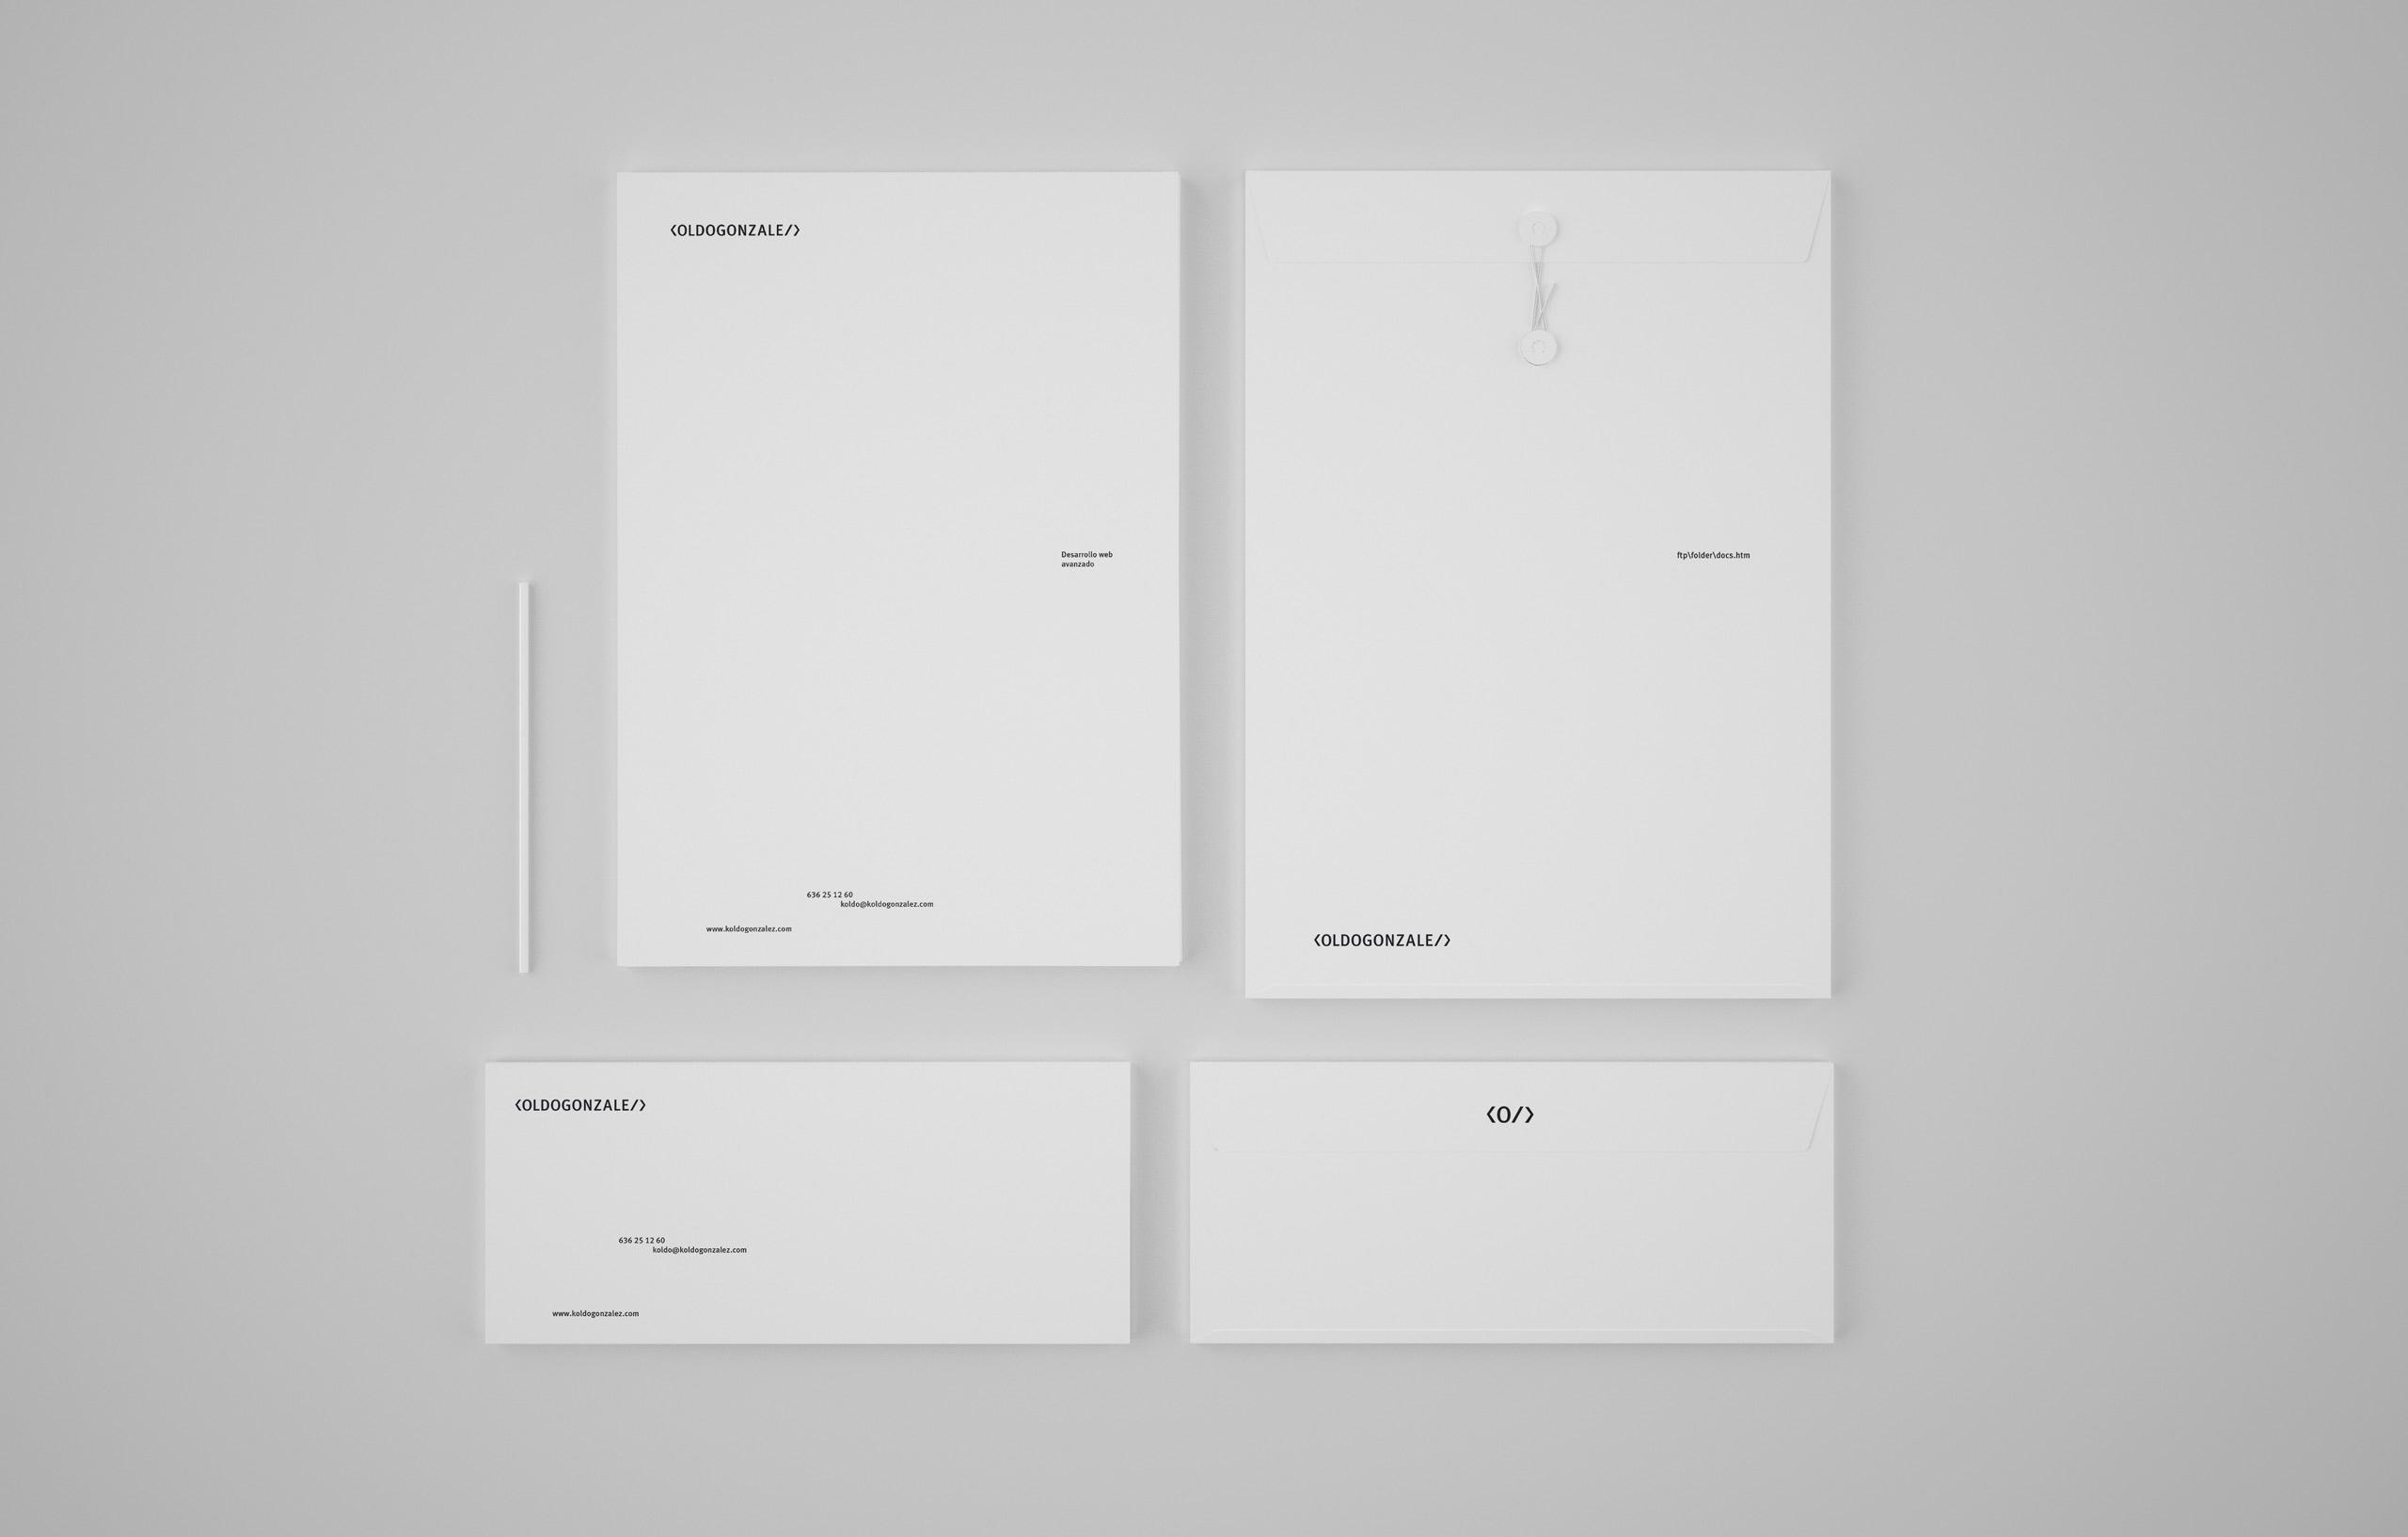 koldogonzalez-carpeta-papeleria